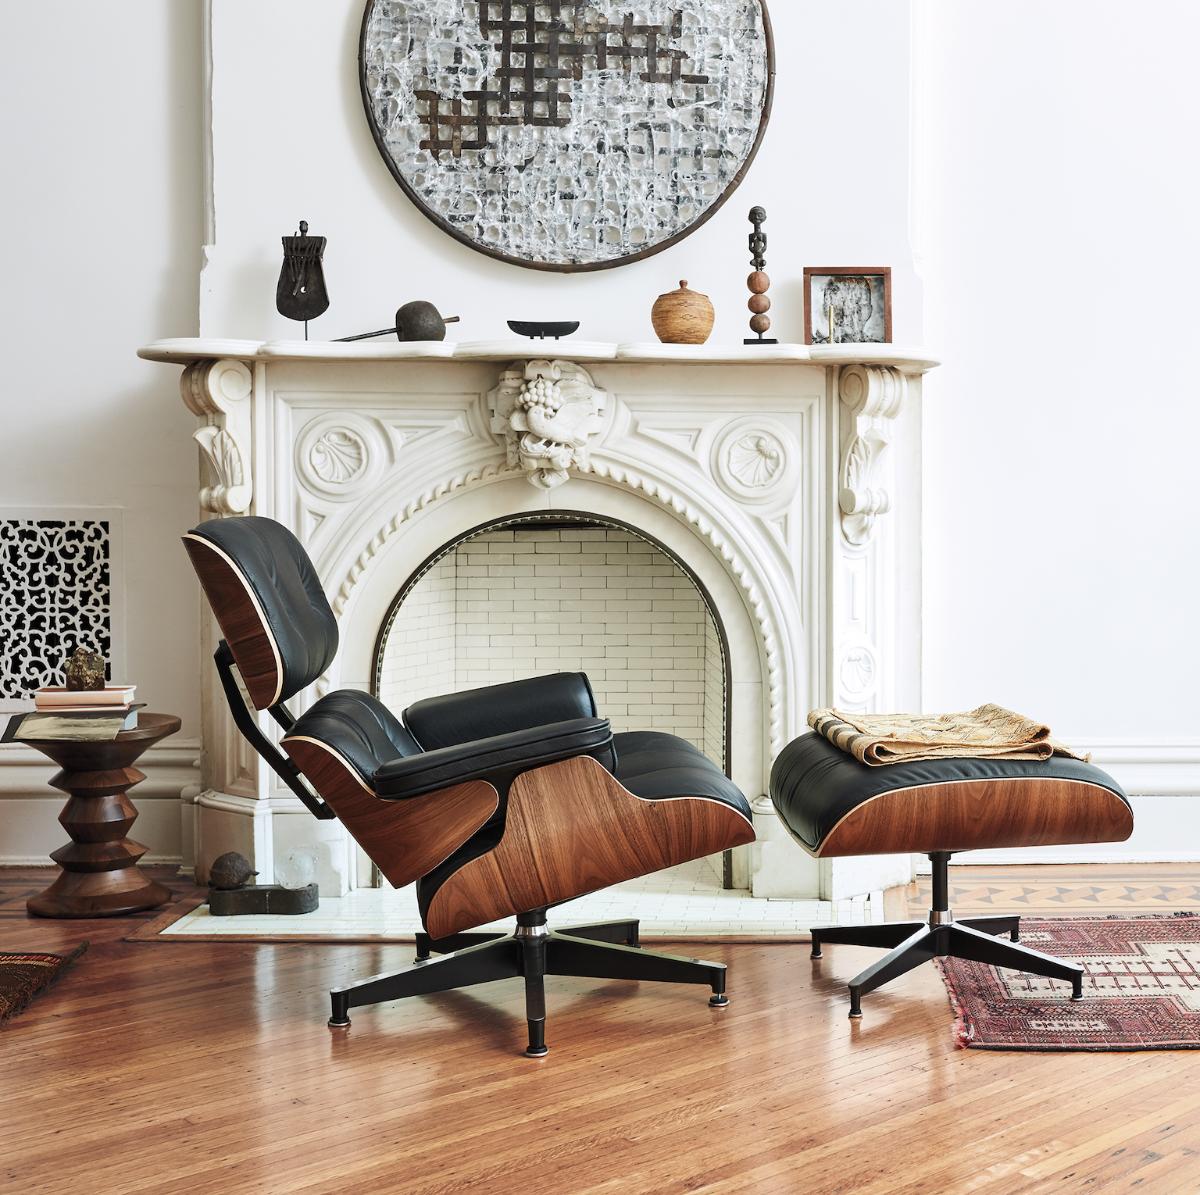 Matisse-Eames-Chair-ottoman-Herman-Miller